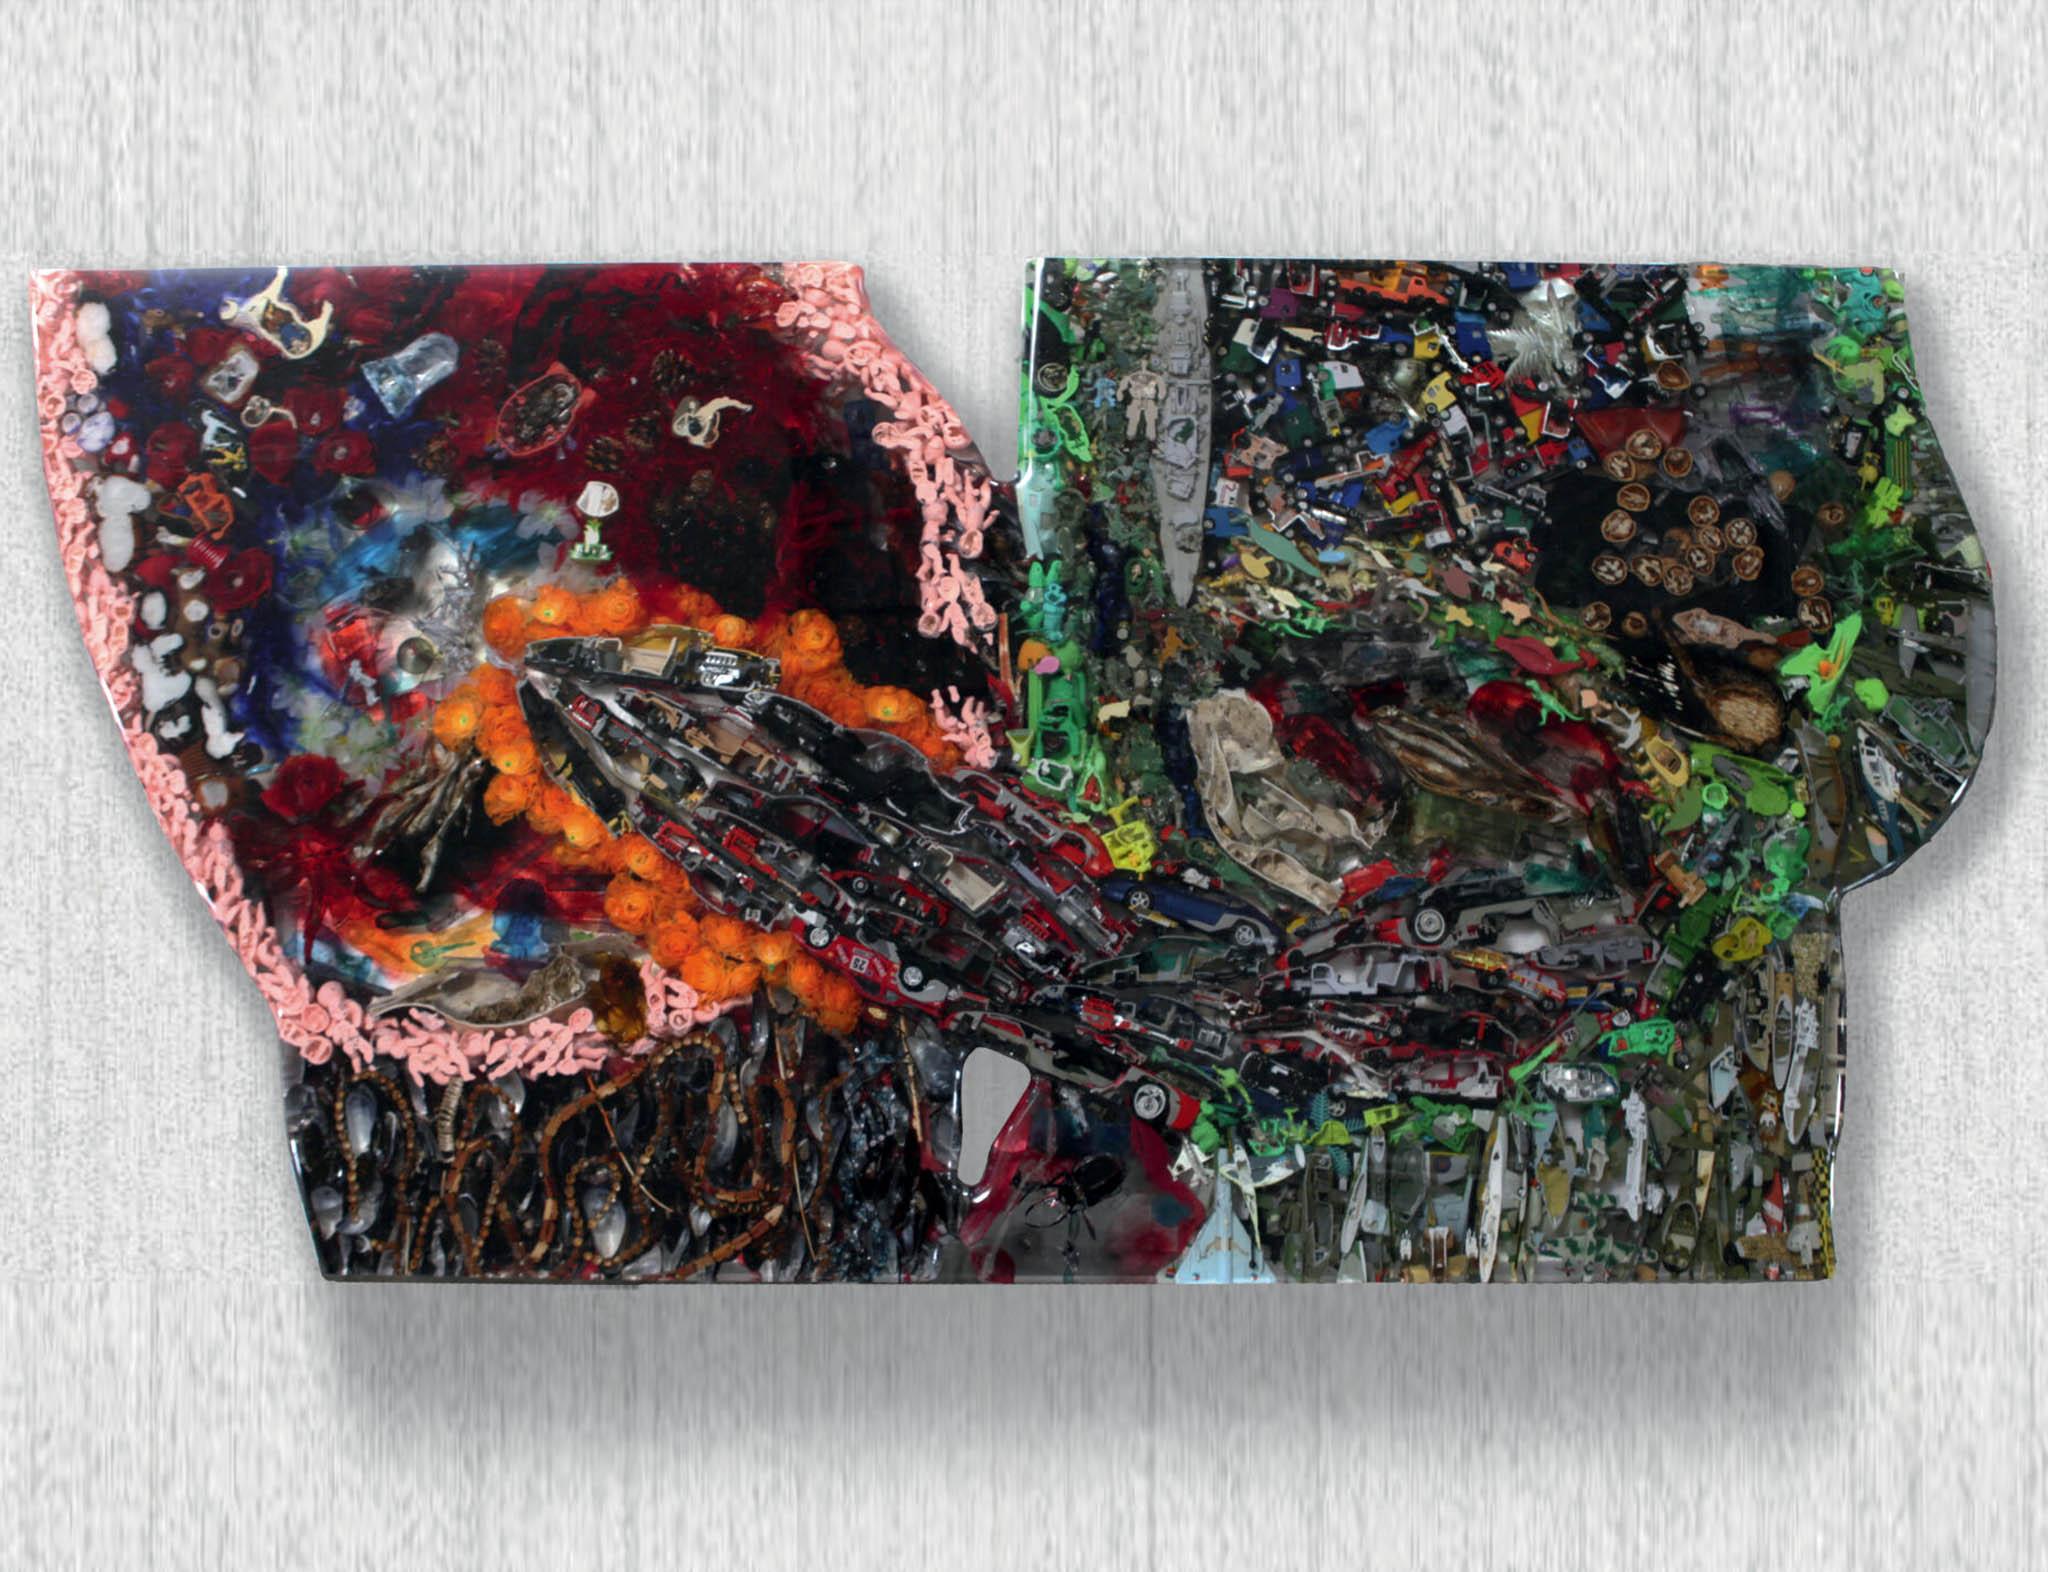 Tvůrce provokativních plastik, sochař, výtvarník, architekt arecesista David Černý uvádí čtvrtou sólo výstavu.